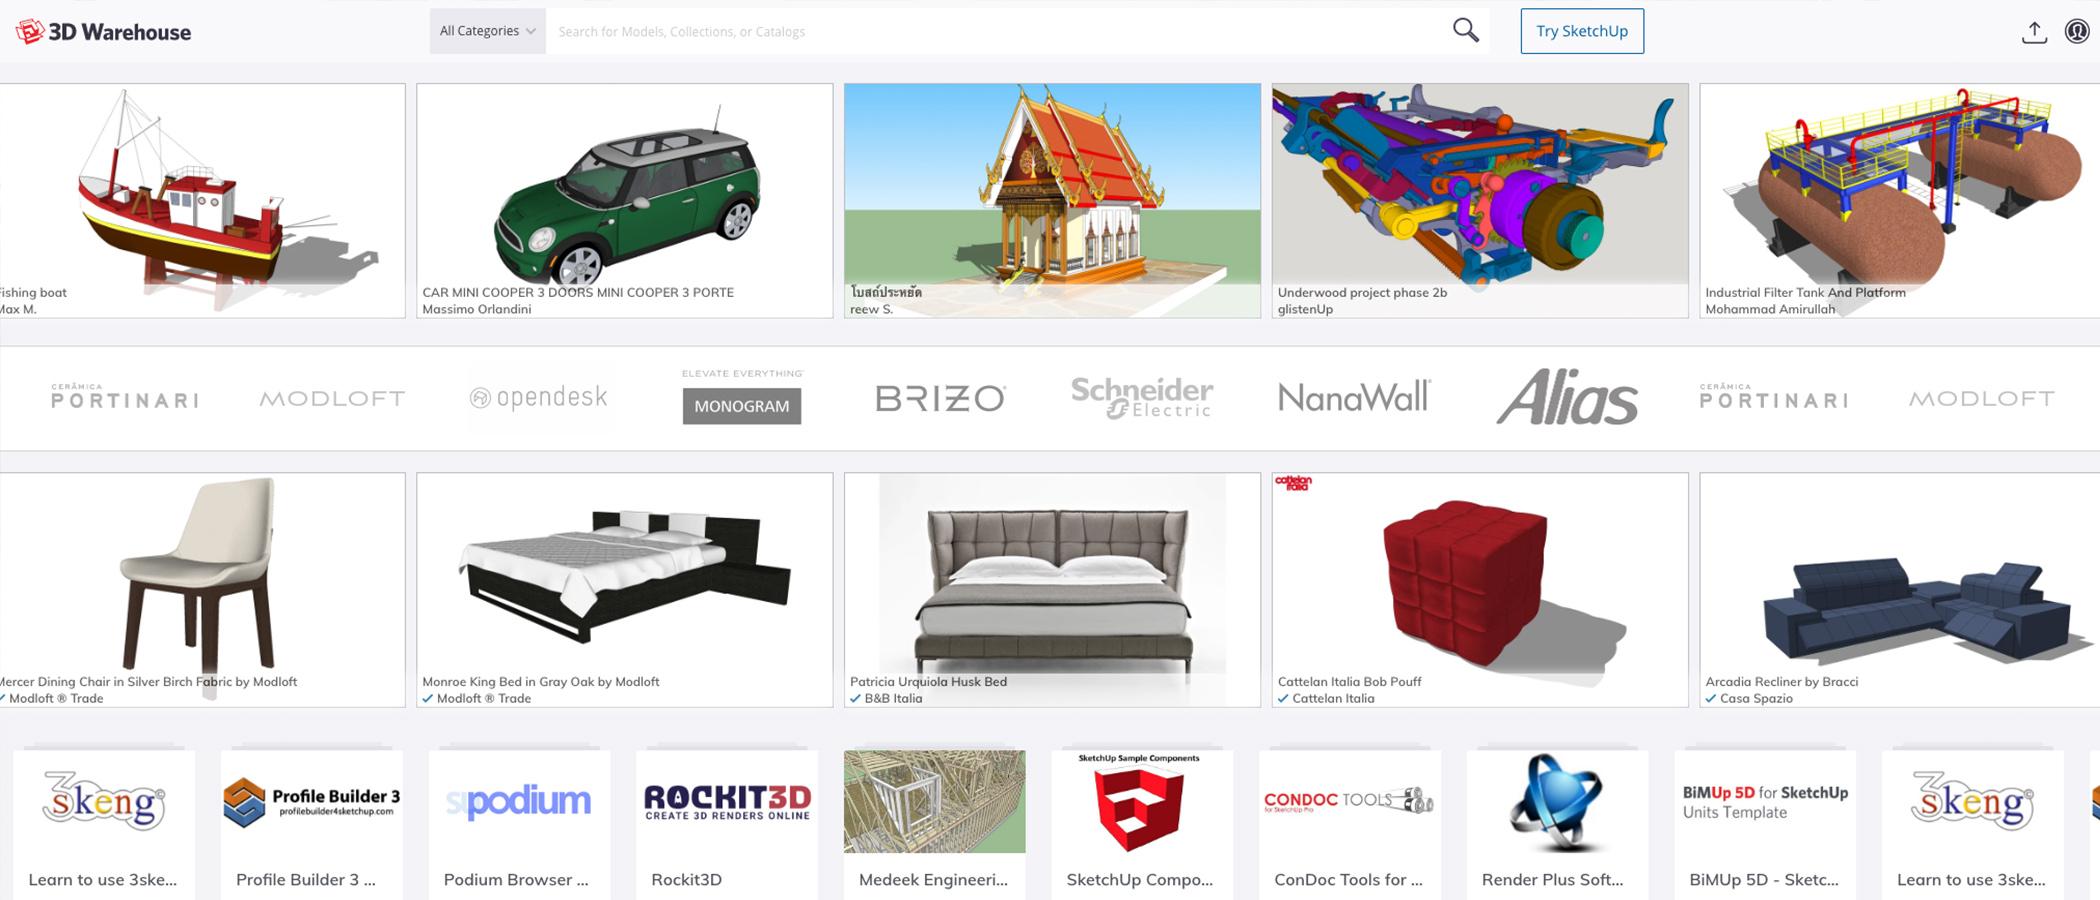 Darmowe modele 3D SketchUp